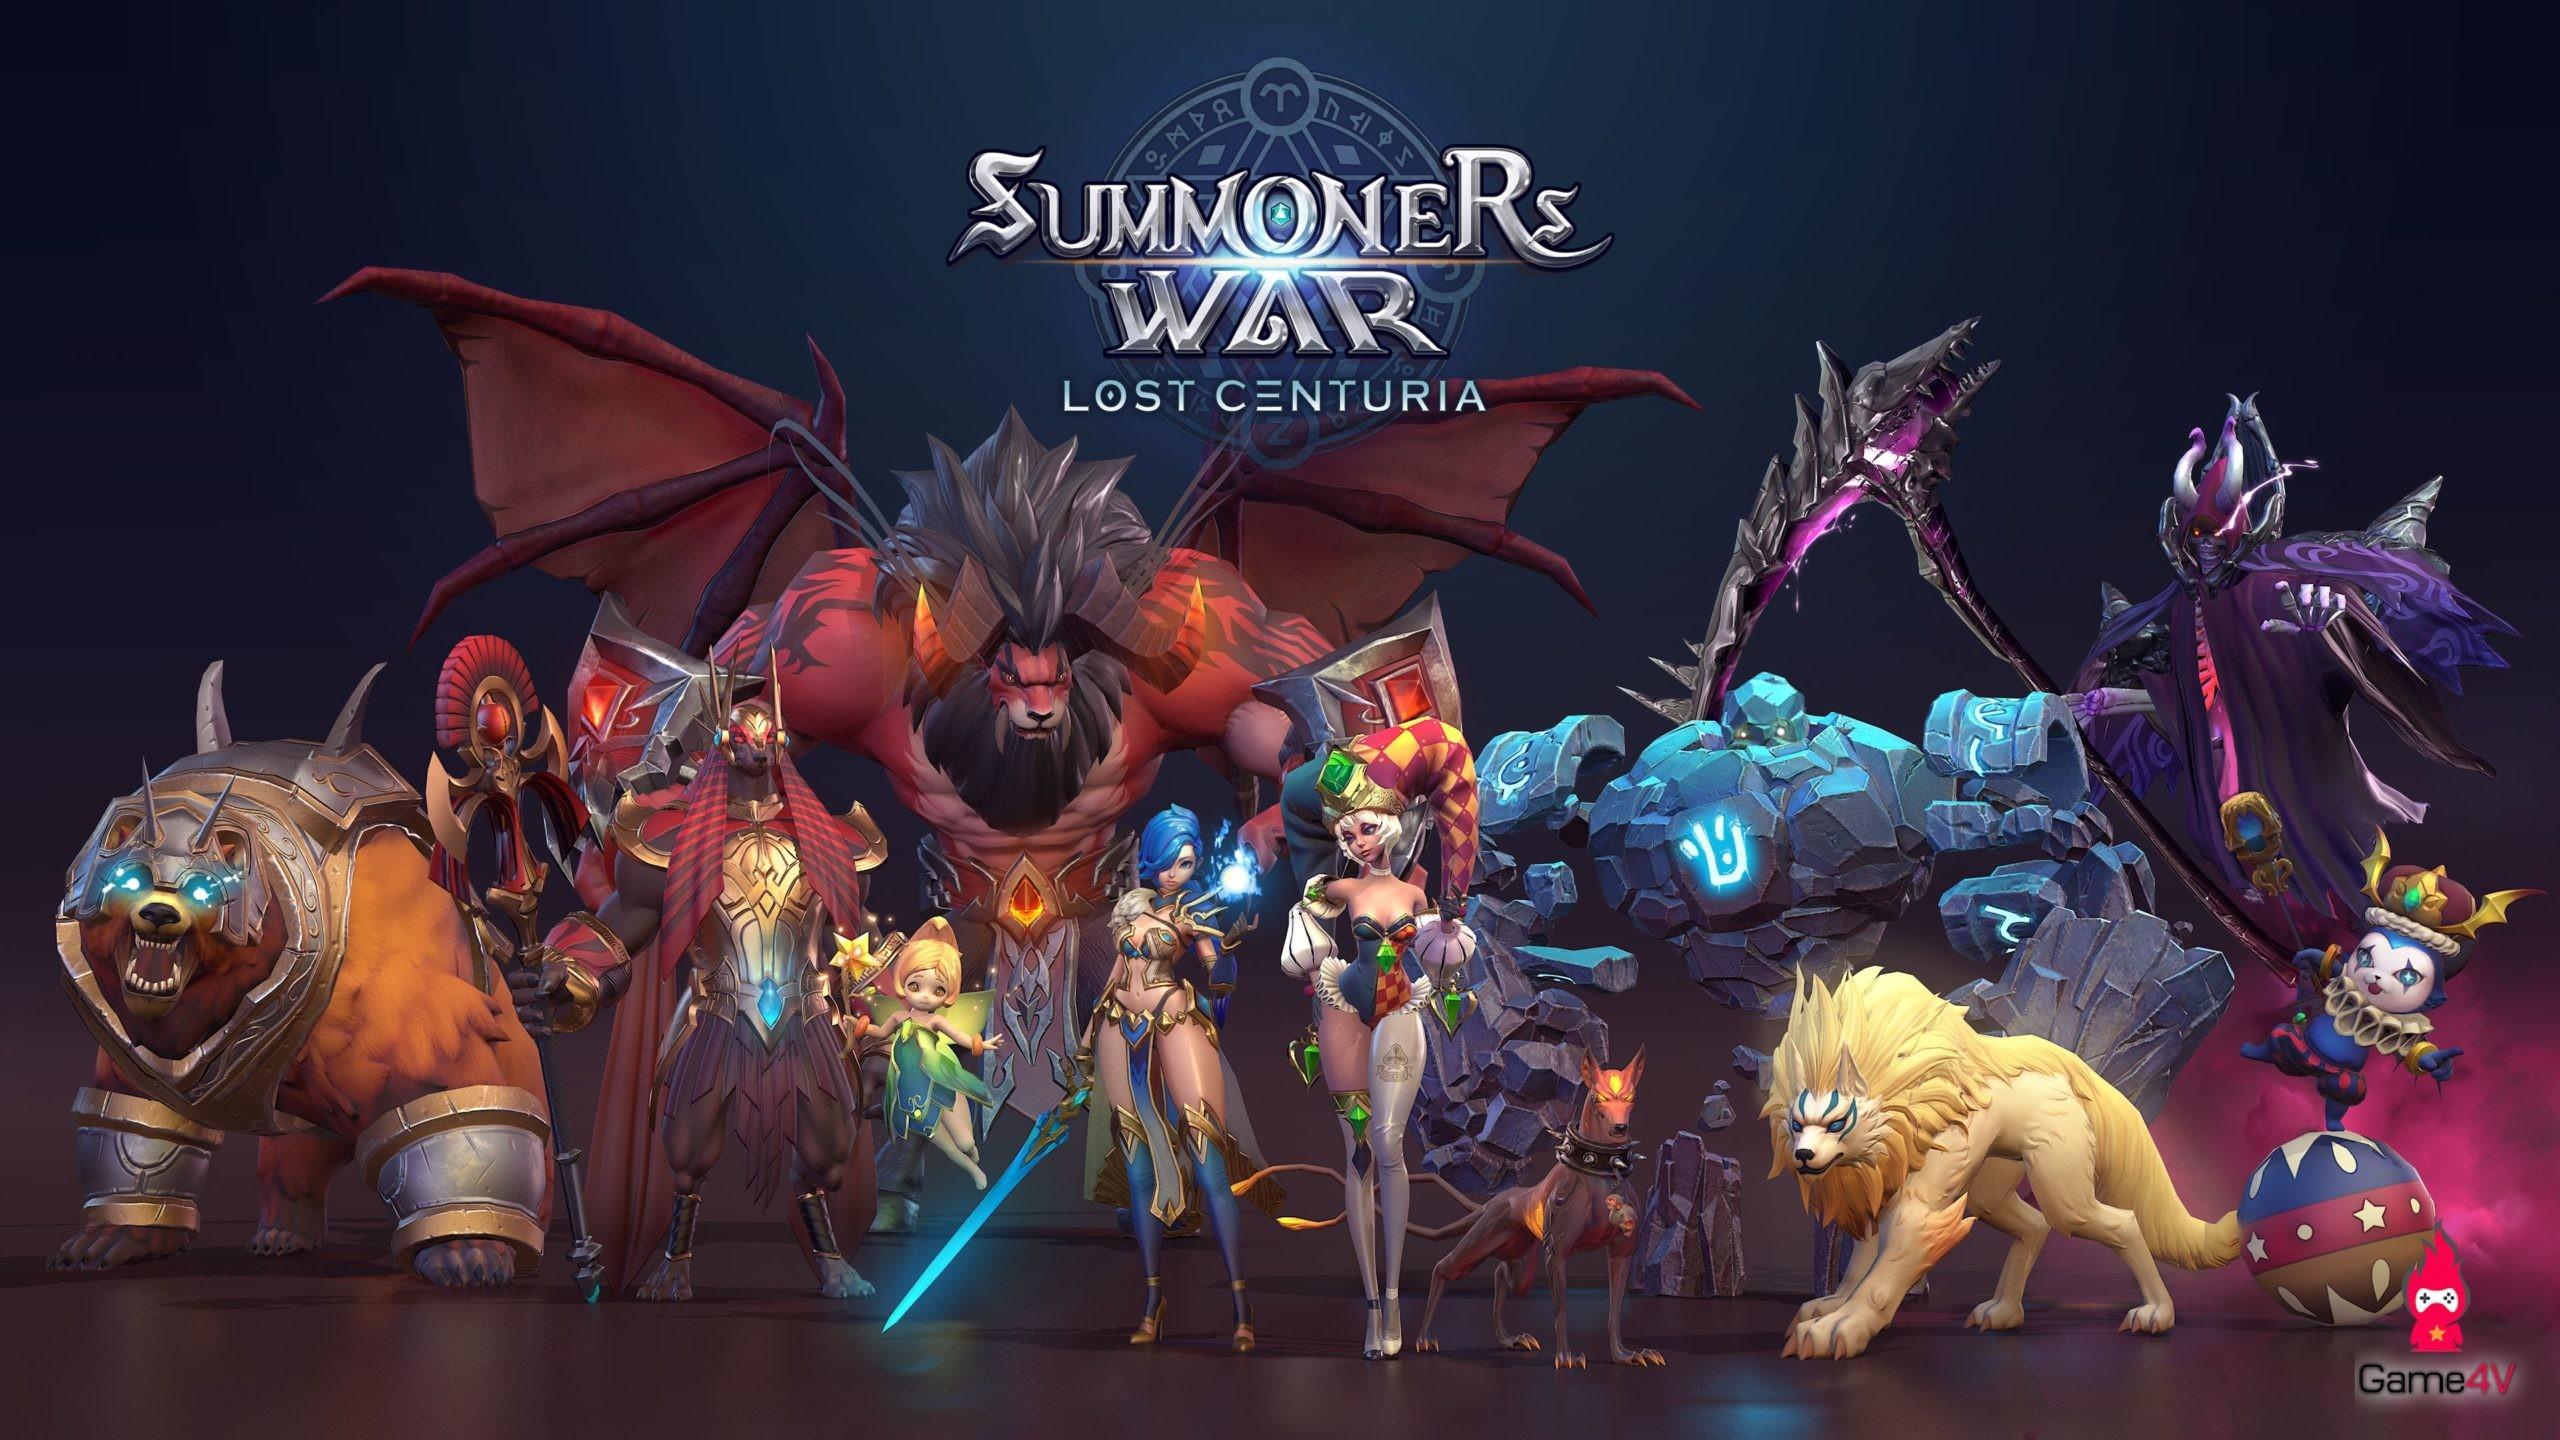 Summoners War: Lost Centuria đã vượt mốc 3 triệu lượt đặt trước trên toàn thế giới và dự kiến sẽ chính thức phát hành vào tháng 4